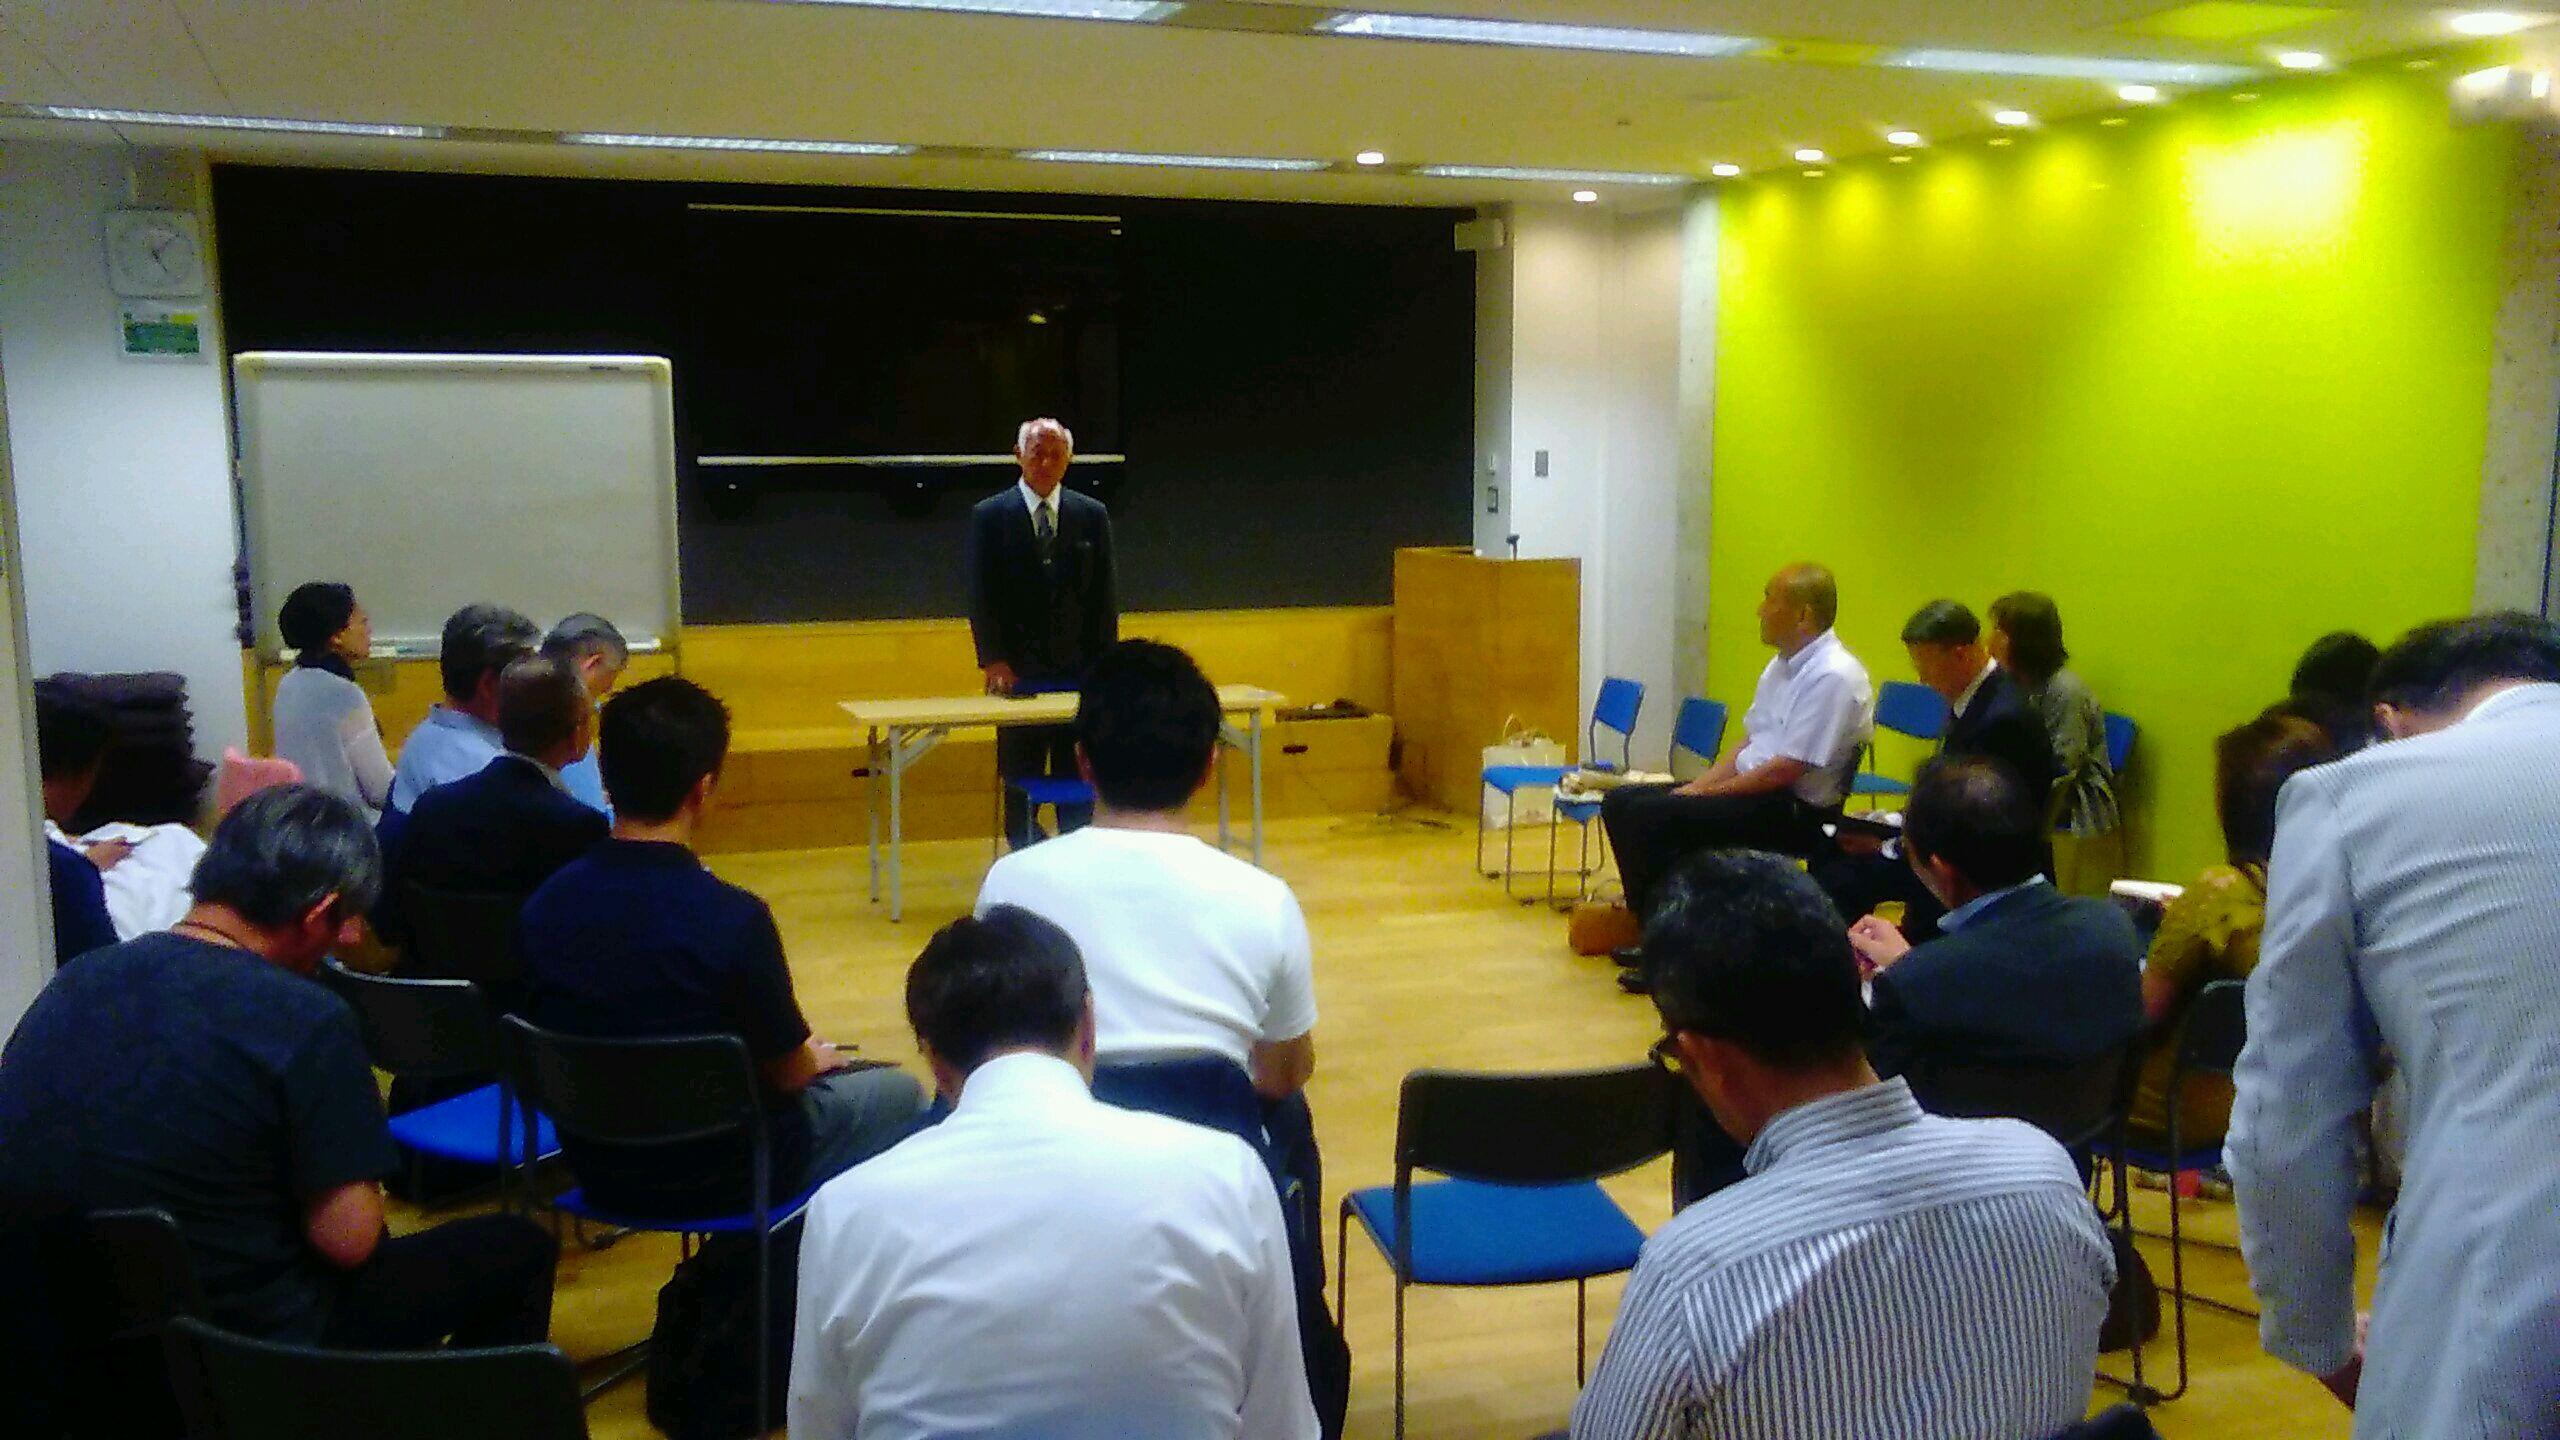 179836342432 - 12月7日(土)第6回東京思風塾「人生の鉄則からの5つの問いとは」で開催します。